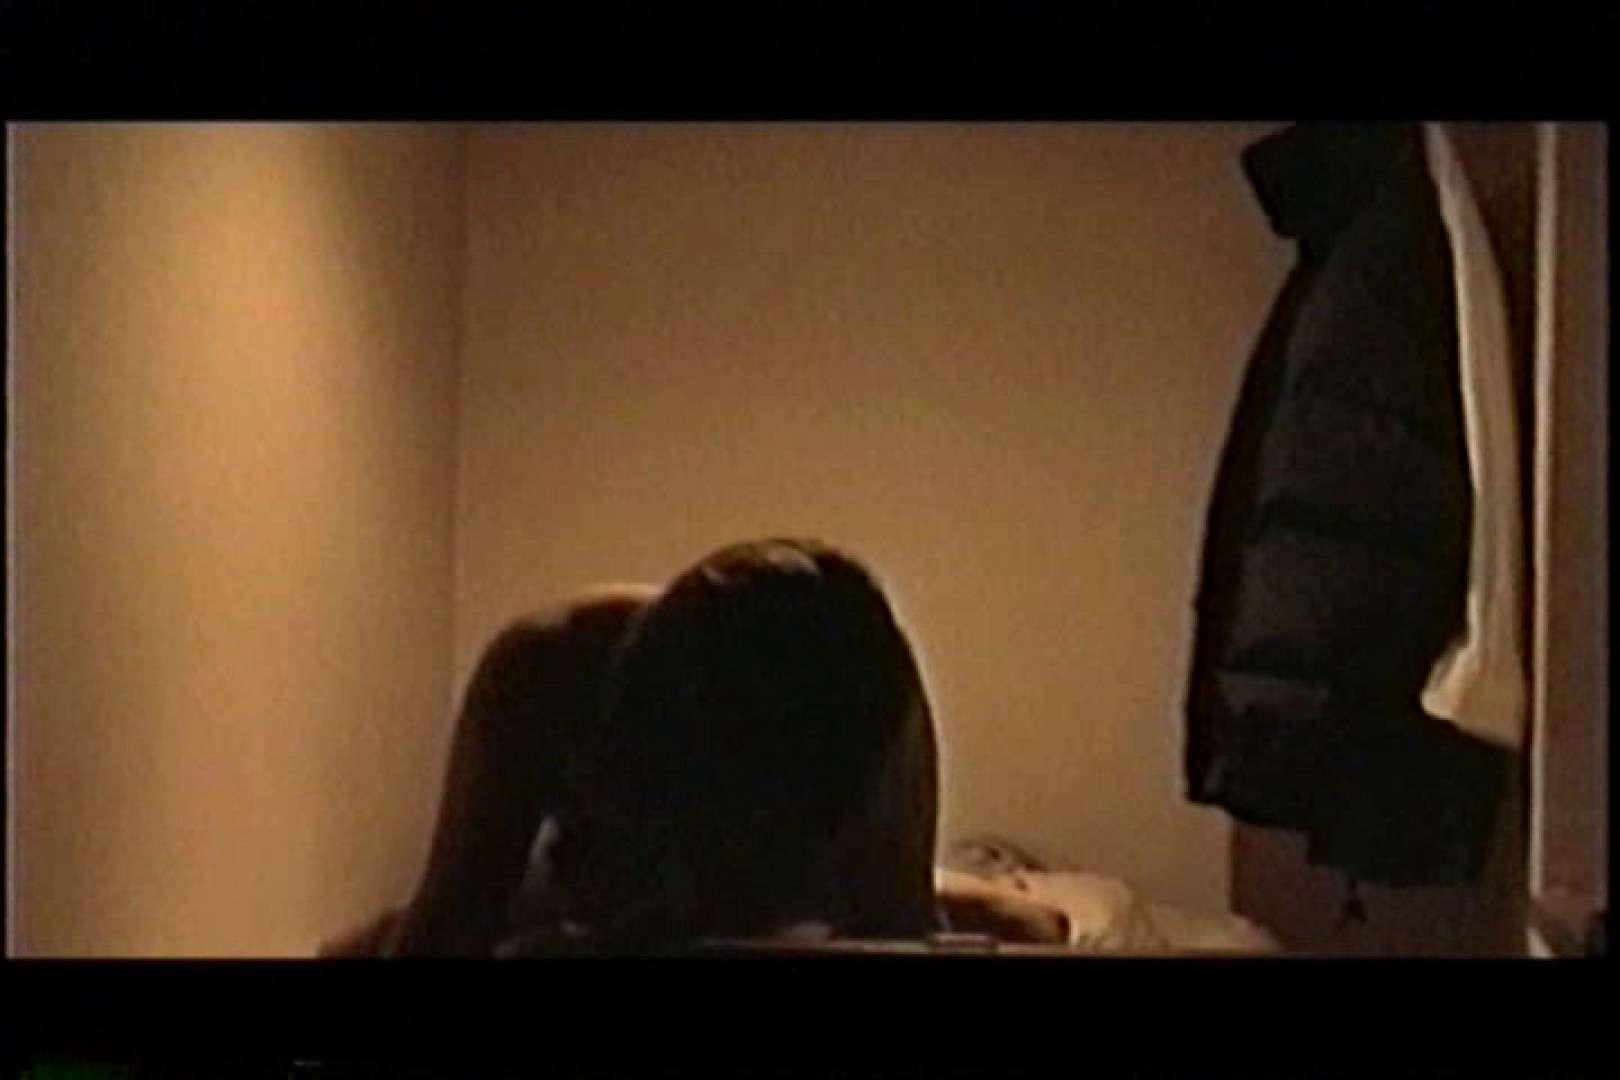 デリ嬢マル秘撮り本物投稿版② 隠撮 濡れ場動画紹介 95pic 27